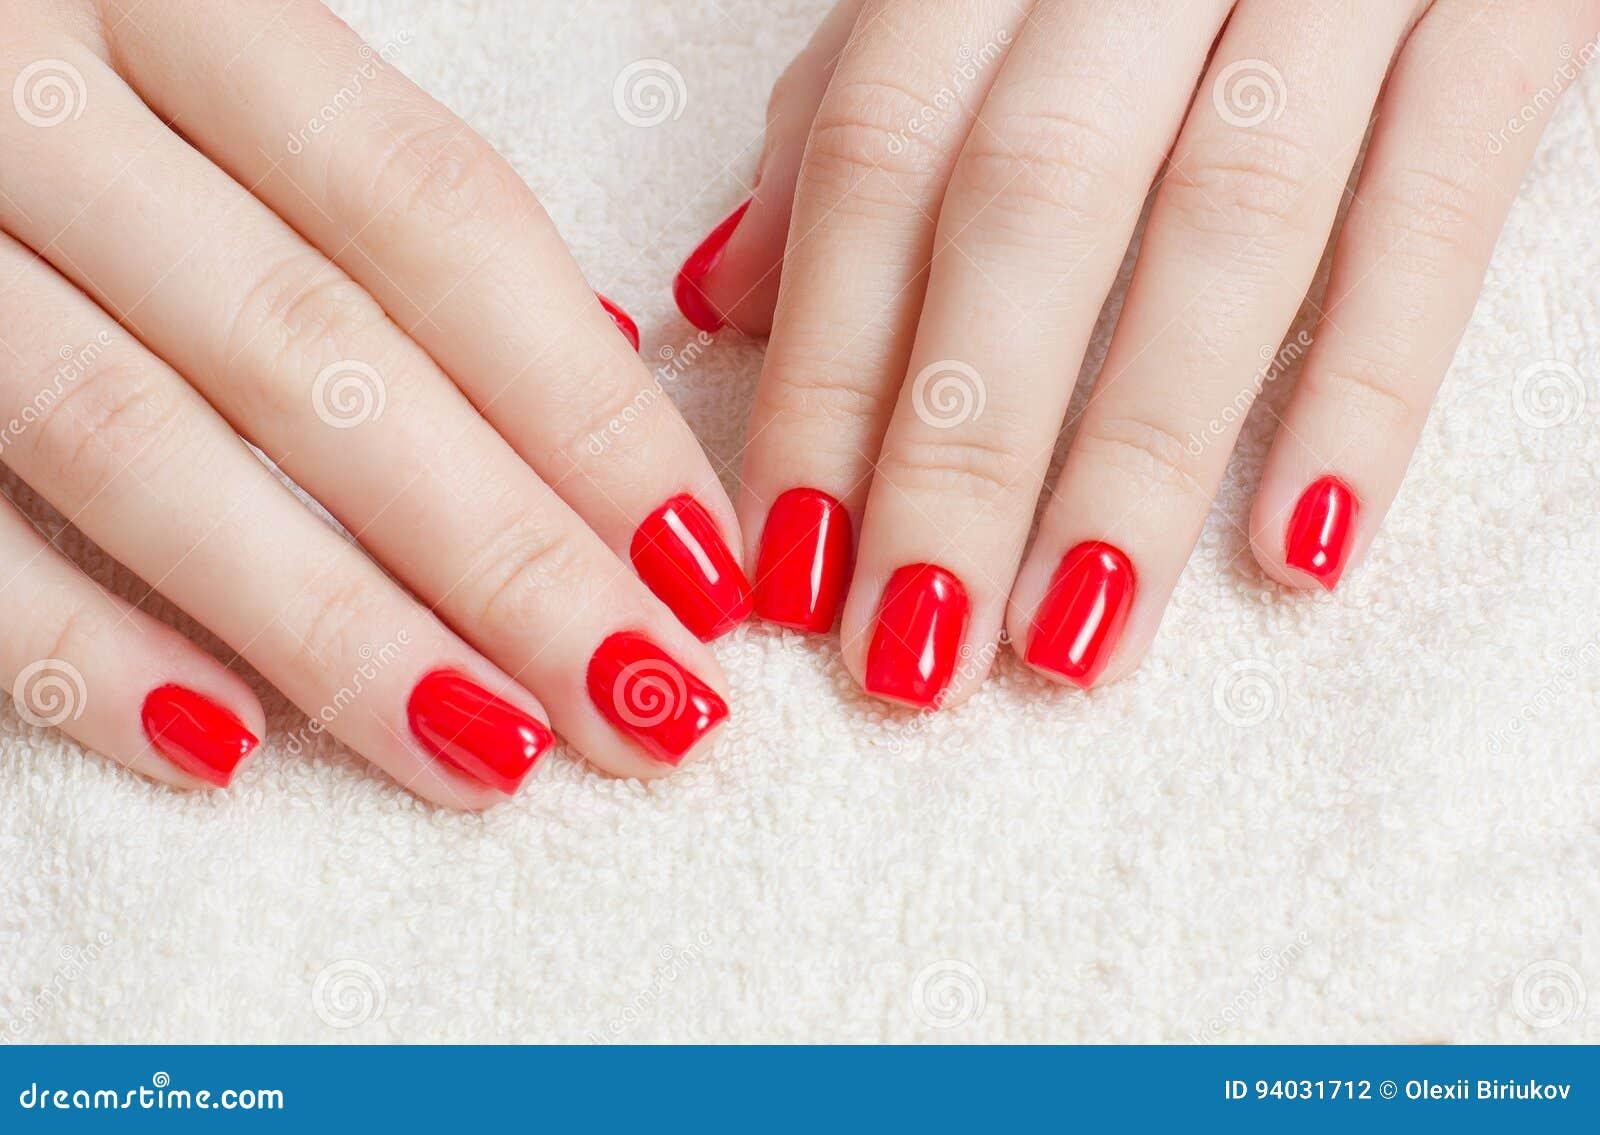 Maniküre - Schönheitsbehandlungsfoto von netten manikürten Frauenfingernägeln mit rotem Nagellack